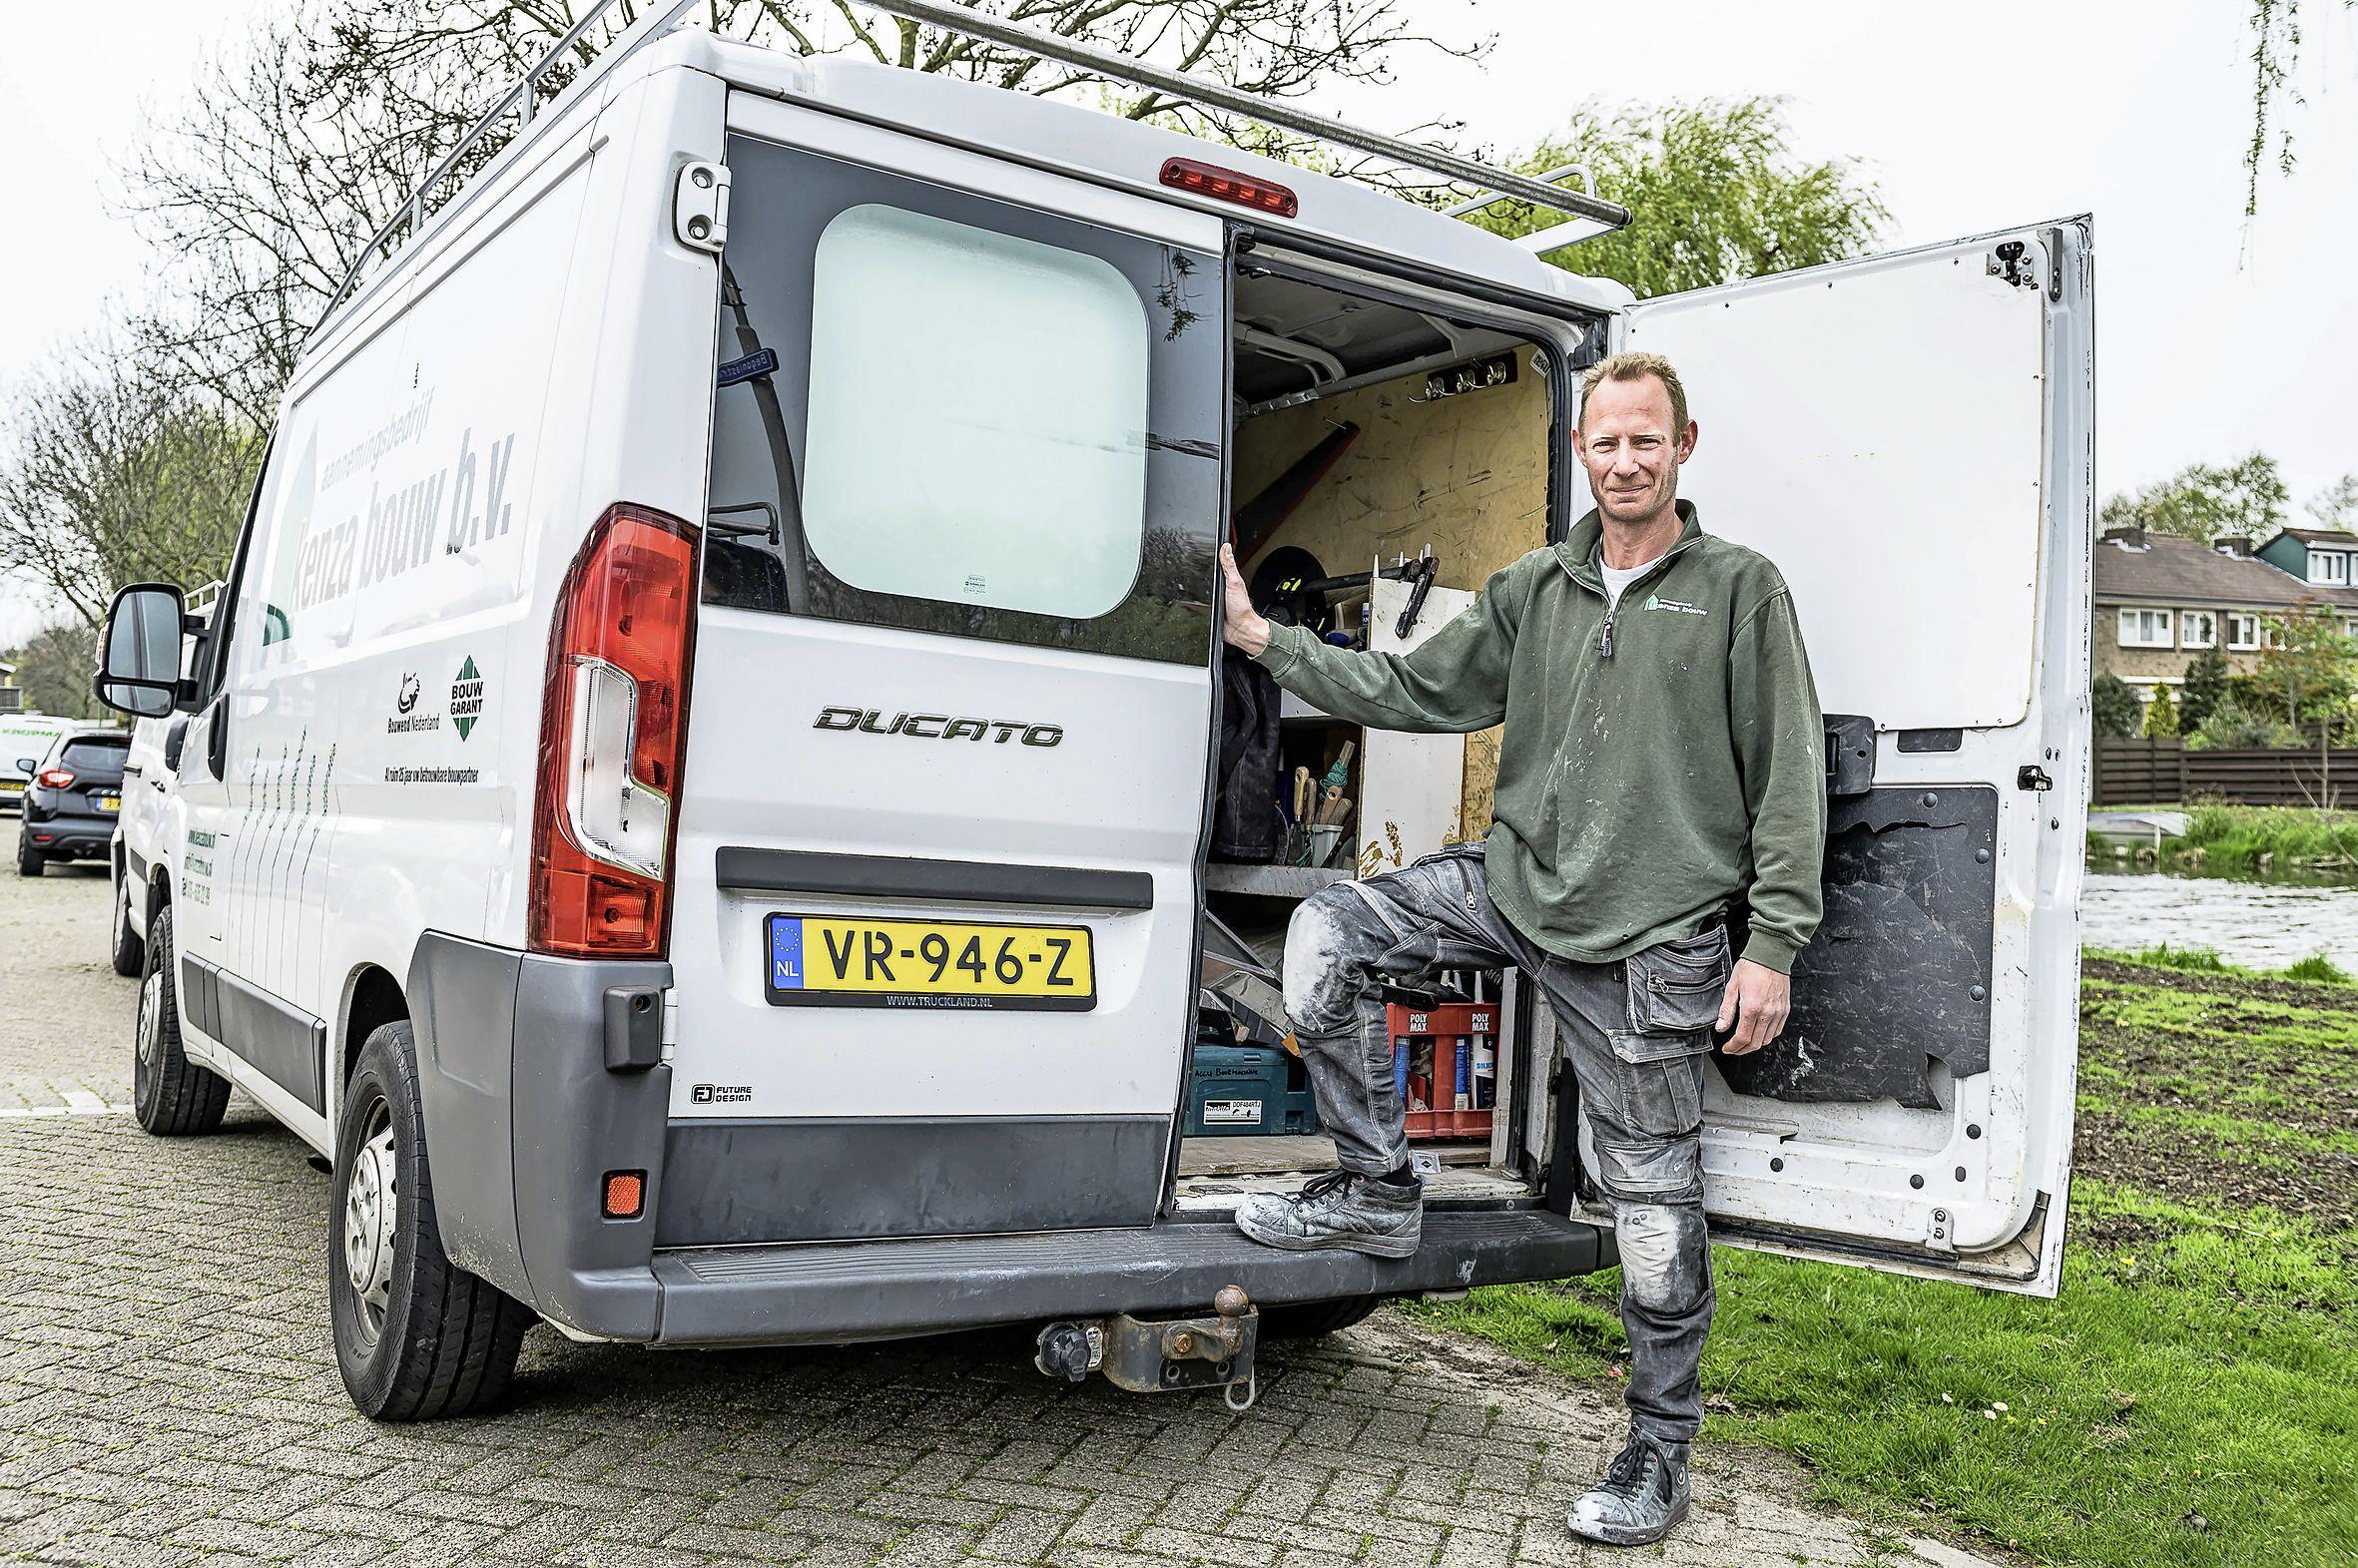 Inbraakgolf in Wormerveer, ook de bus van Leon Jansma werd leeggeroofd: 'Bij elkaar zo'n duizend euro, minimaal'